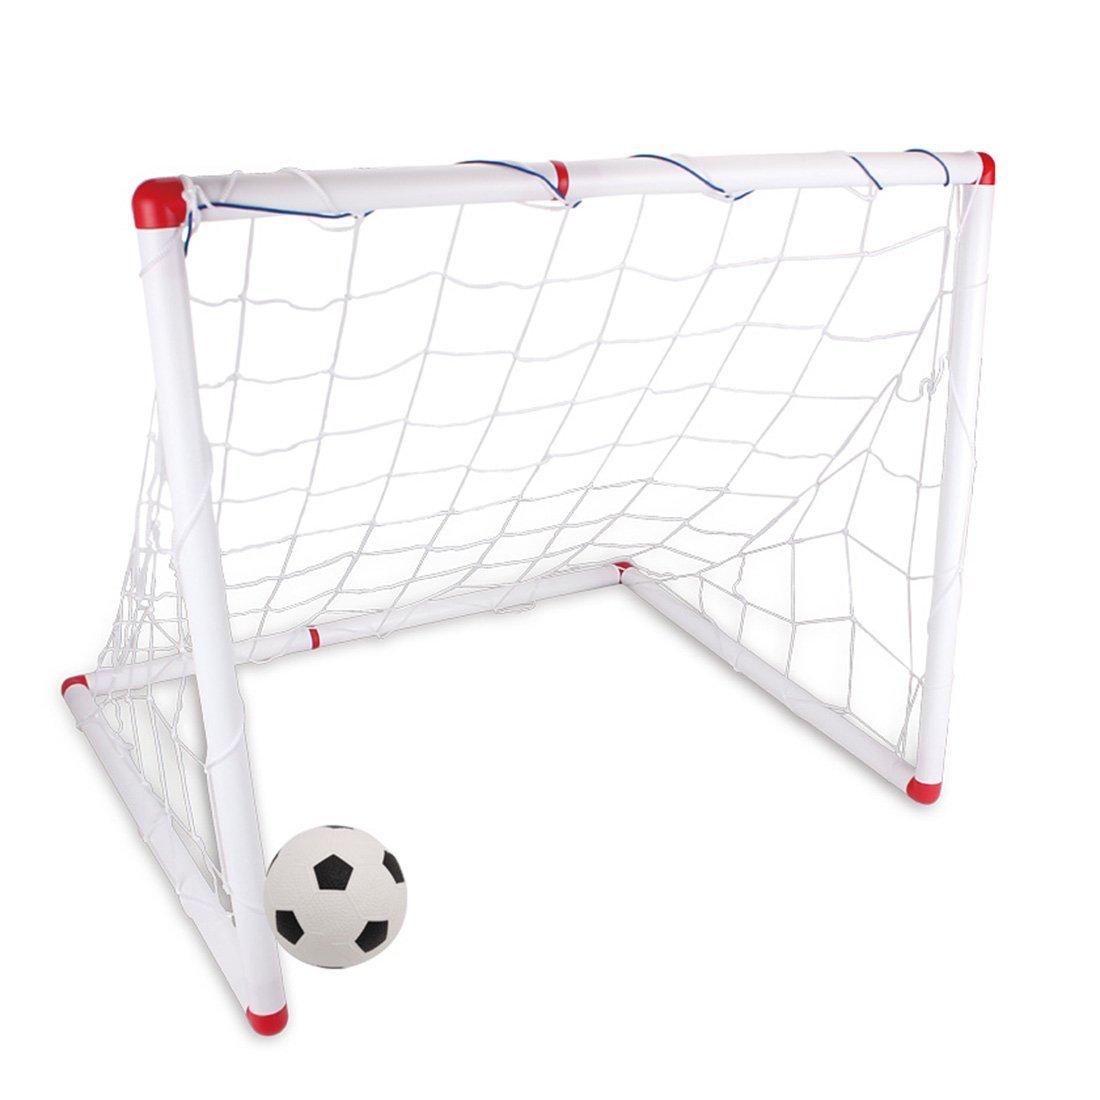 Mingcheng DIY Youthスポーツサッカーサッカーボールとポンプの練習目標とScrimmageゲーム – ホワイト 33.85*15.74*21.65 inches ホワイト MF0IHUI5Z9819 33.85*15.74*21.65 inches ホワイト B07G12XTC5